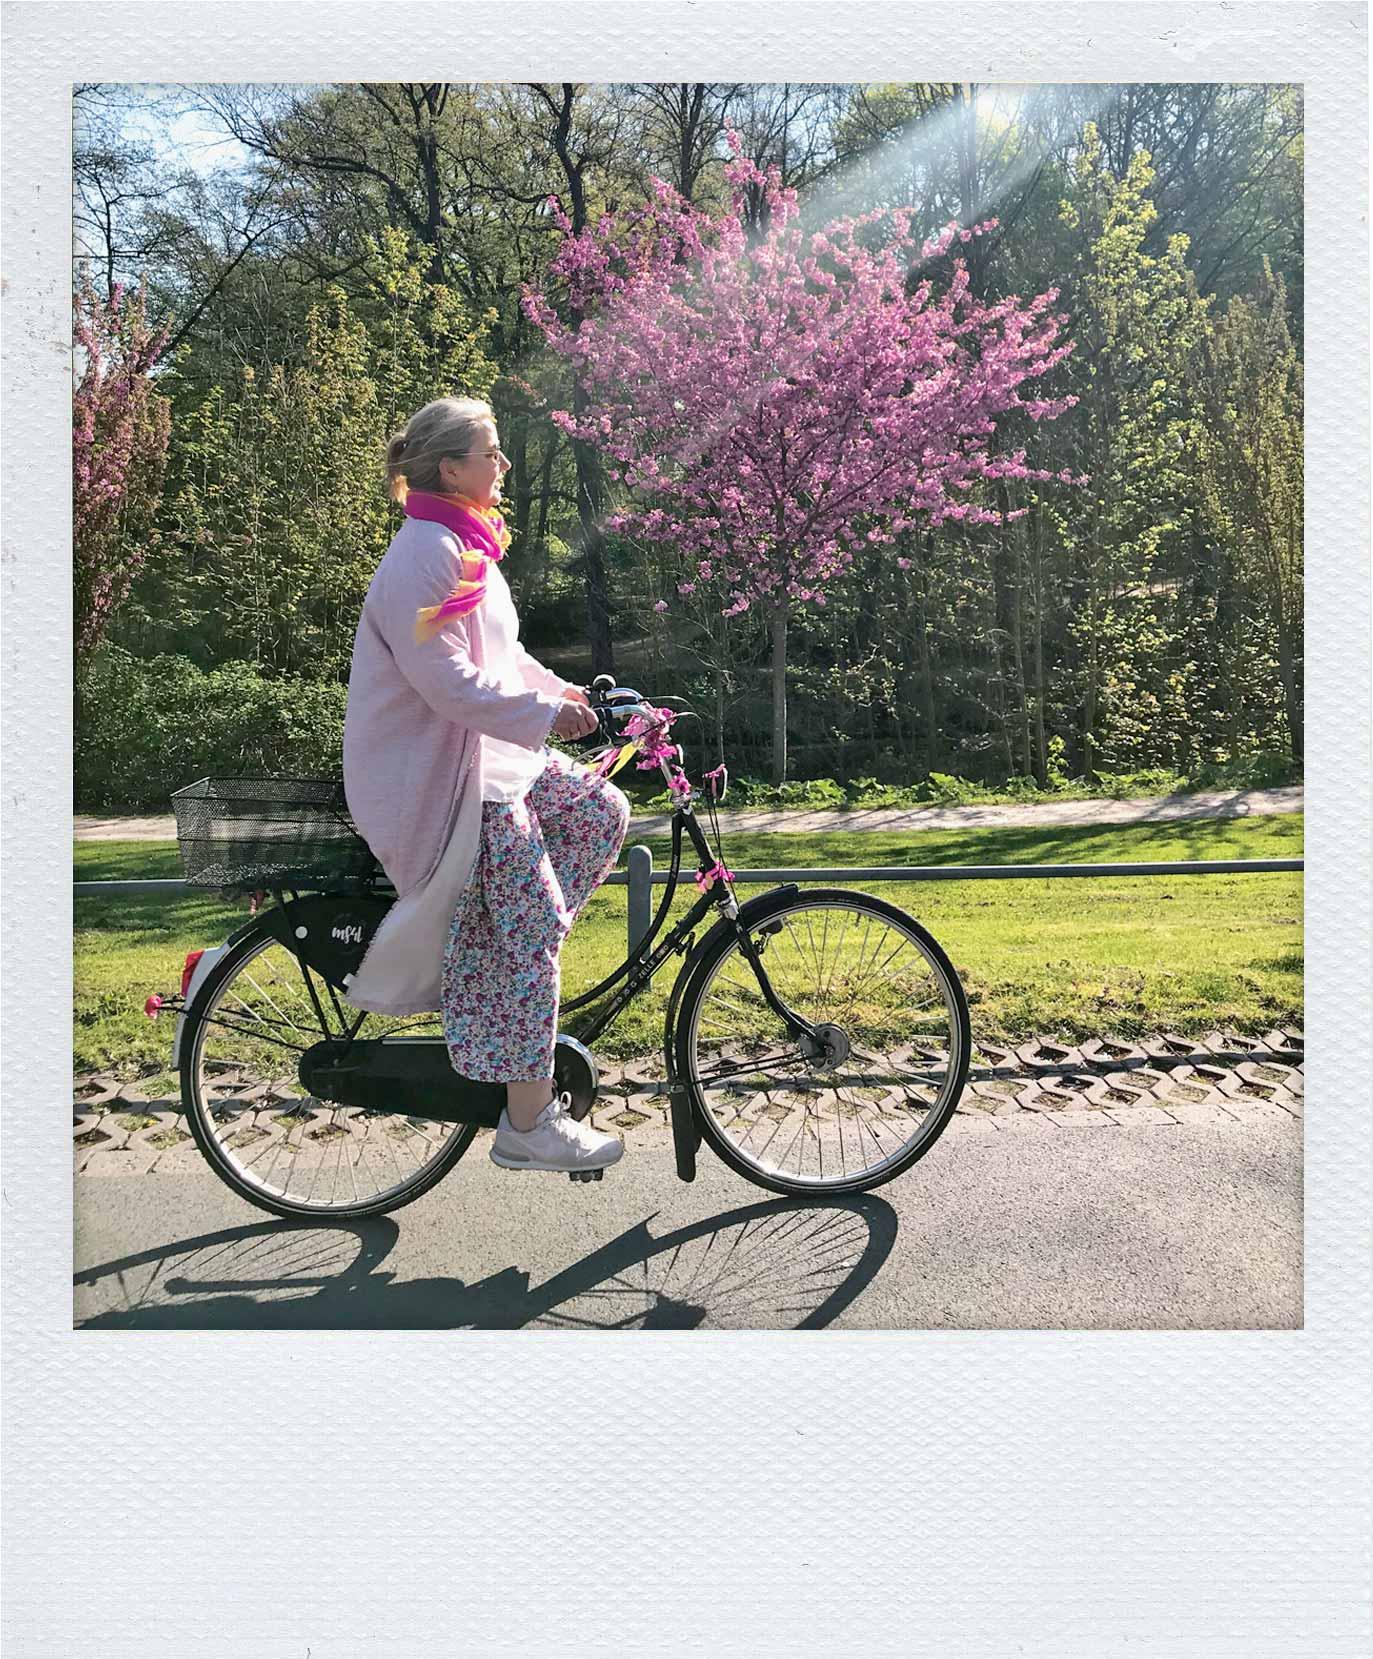 Britta radelt auf ihrem Hollandrad. Im Hintergrund sieht man frühlingshafte Kirschblüten.